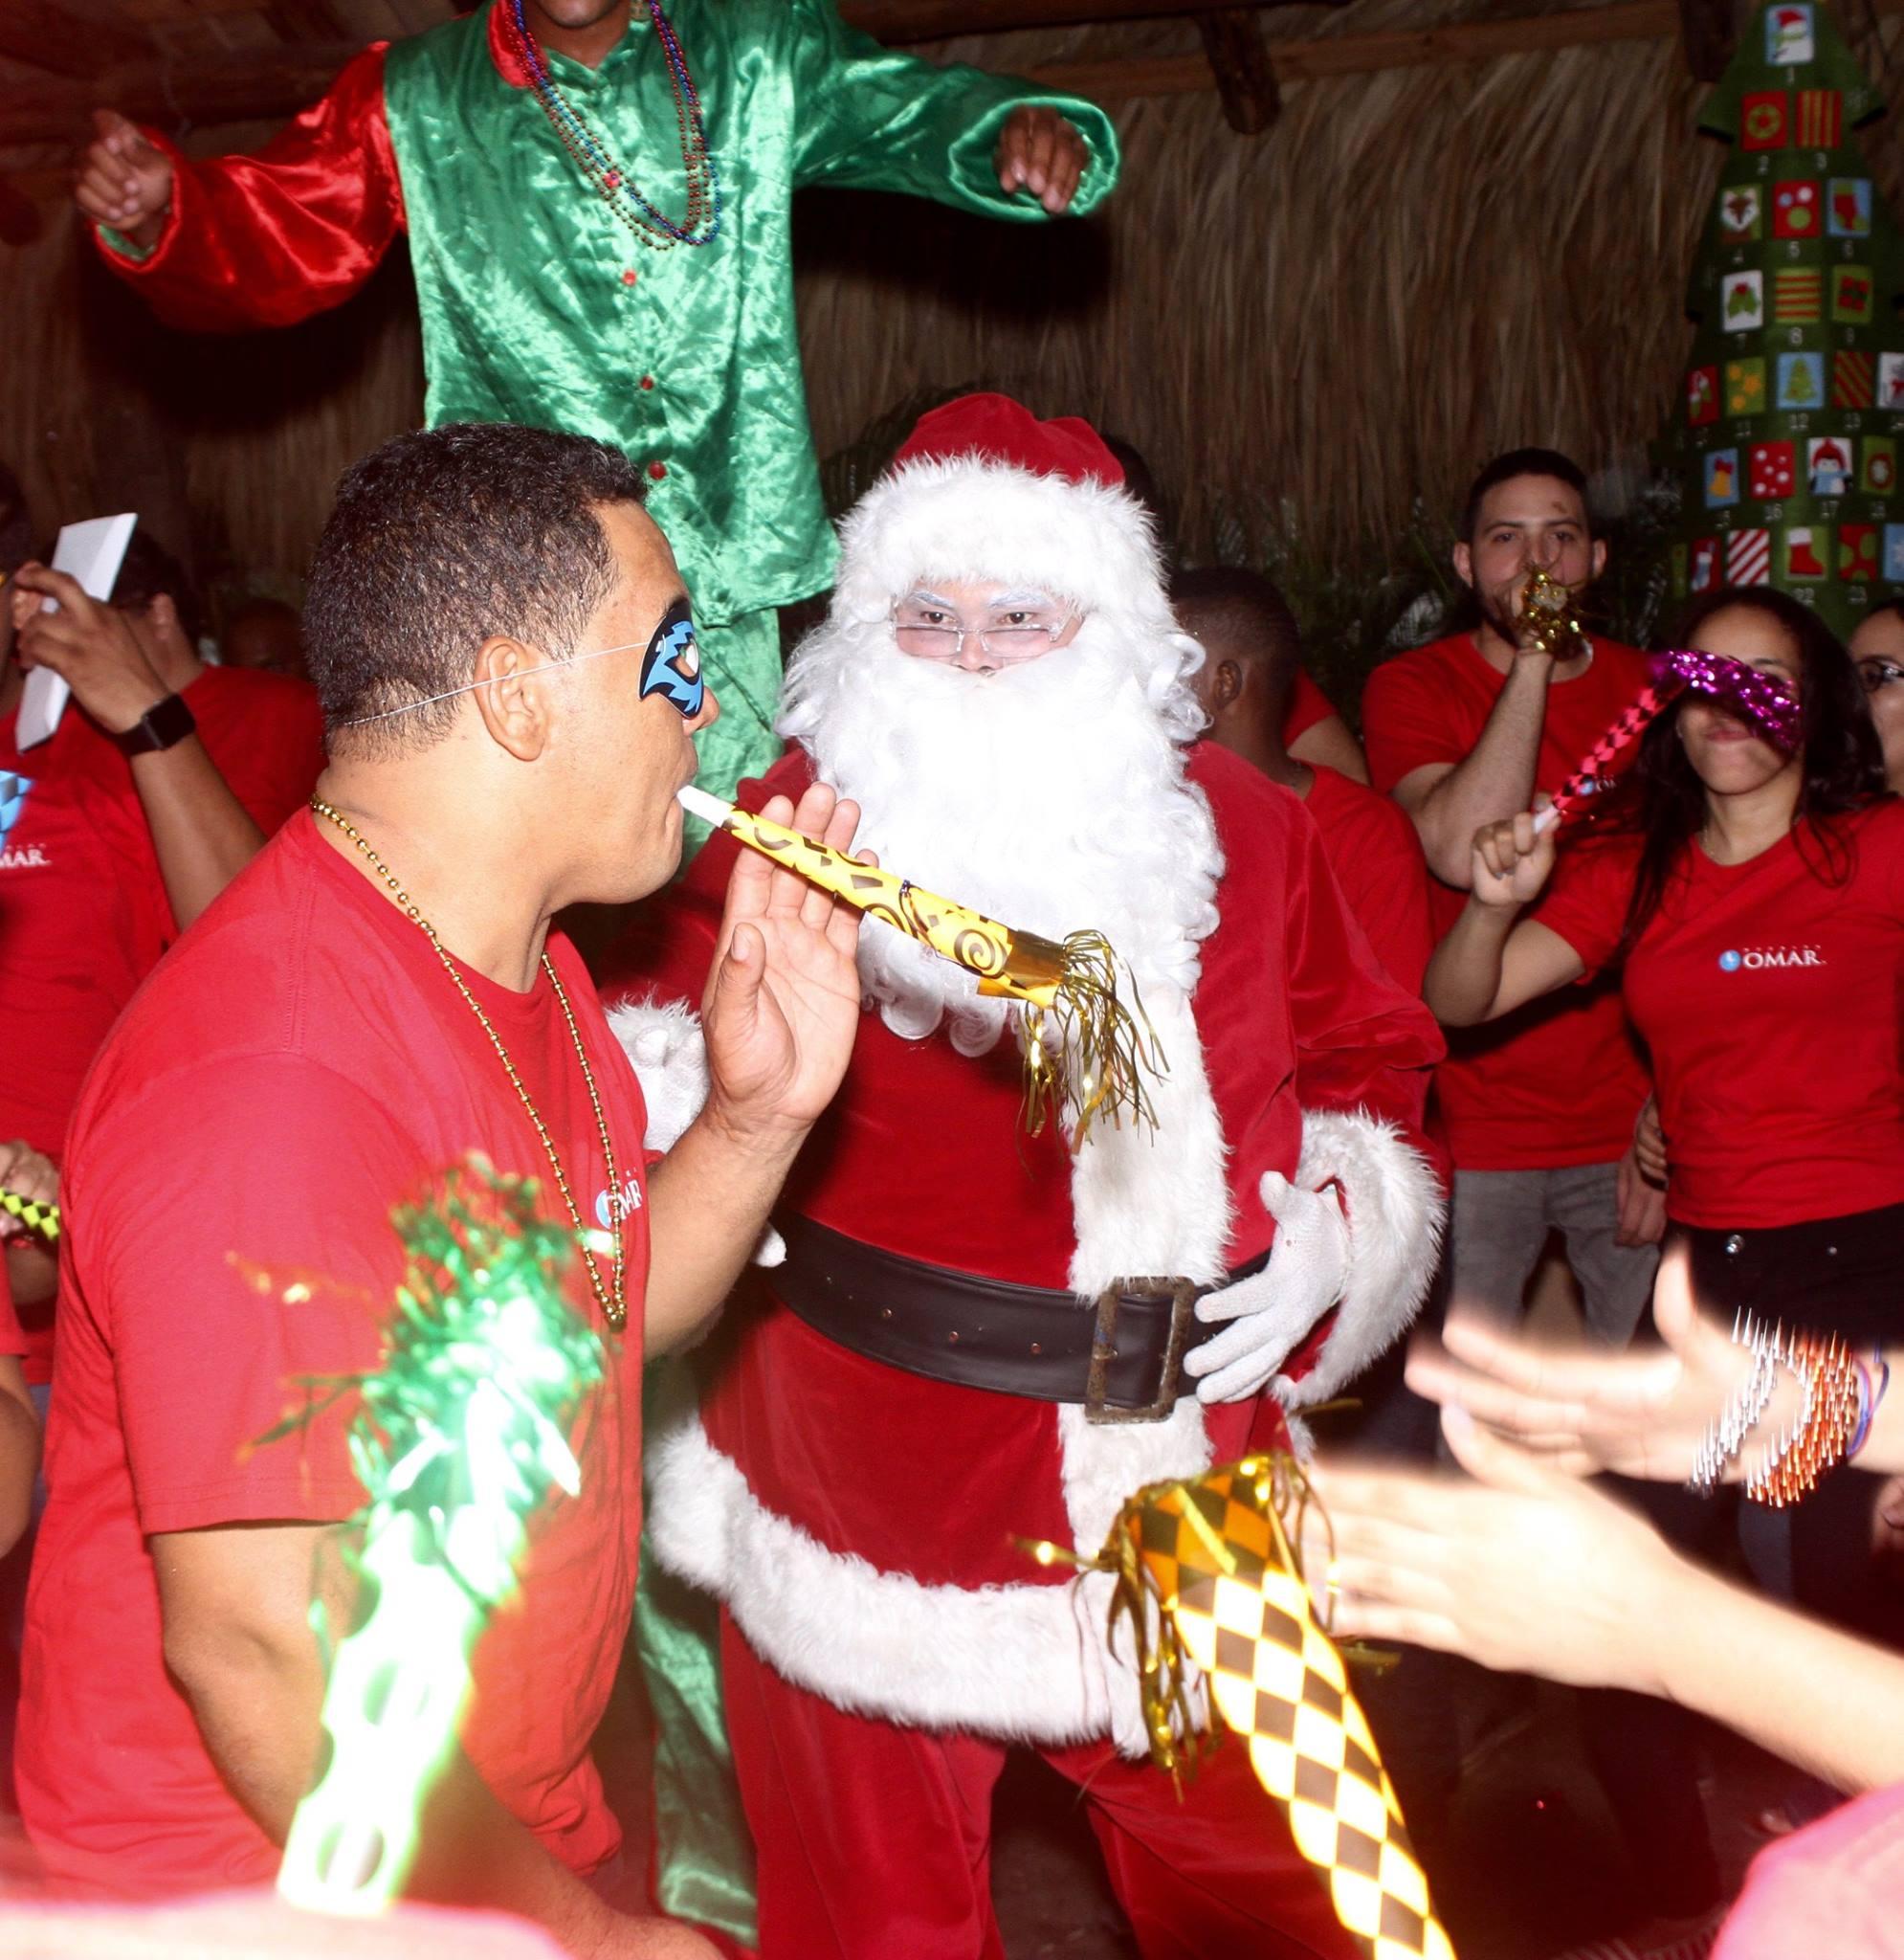 Navidad 2016 Omar Muebles Villas Matat  # Muebles Omar Santo Domingo